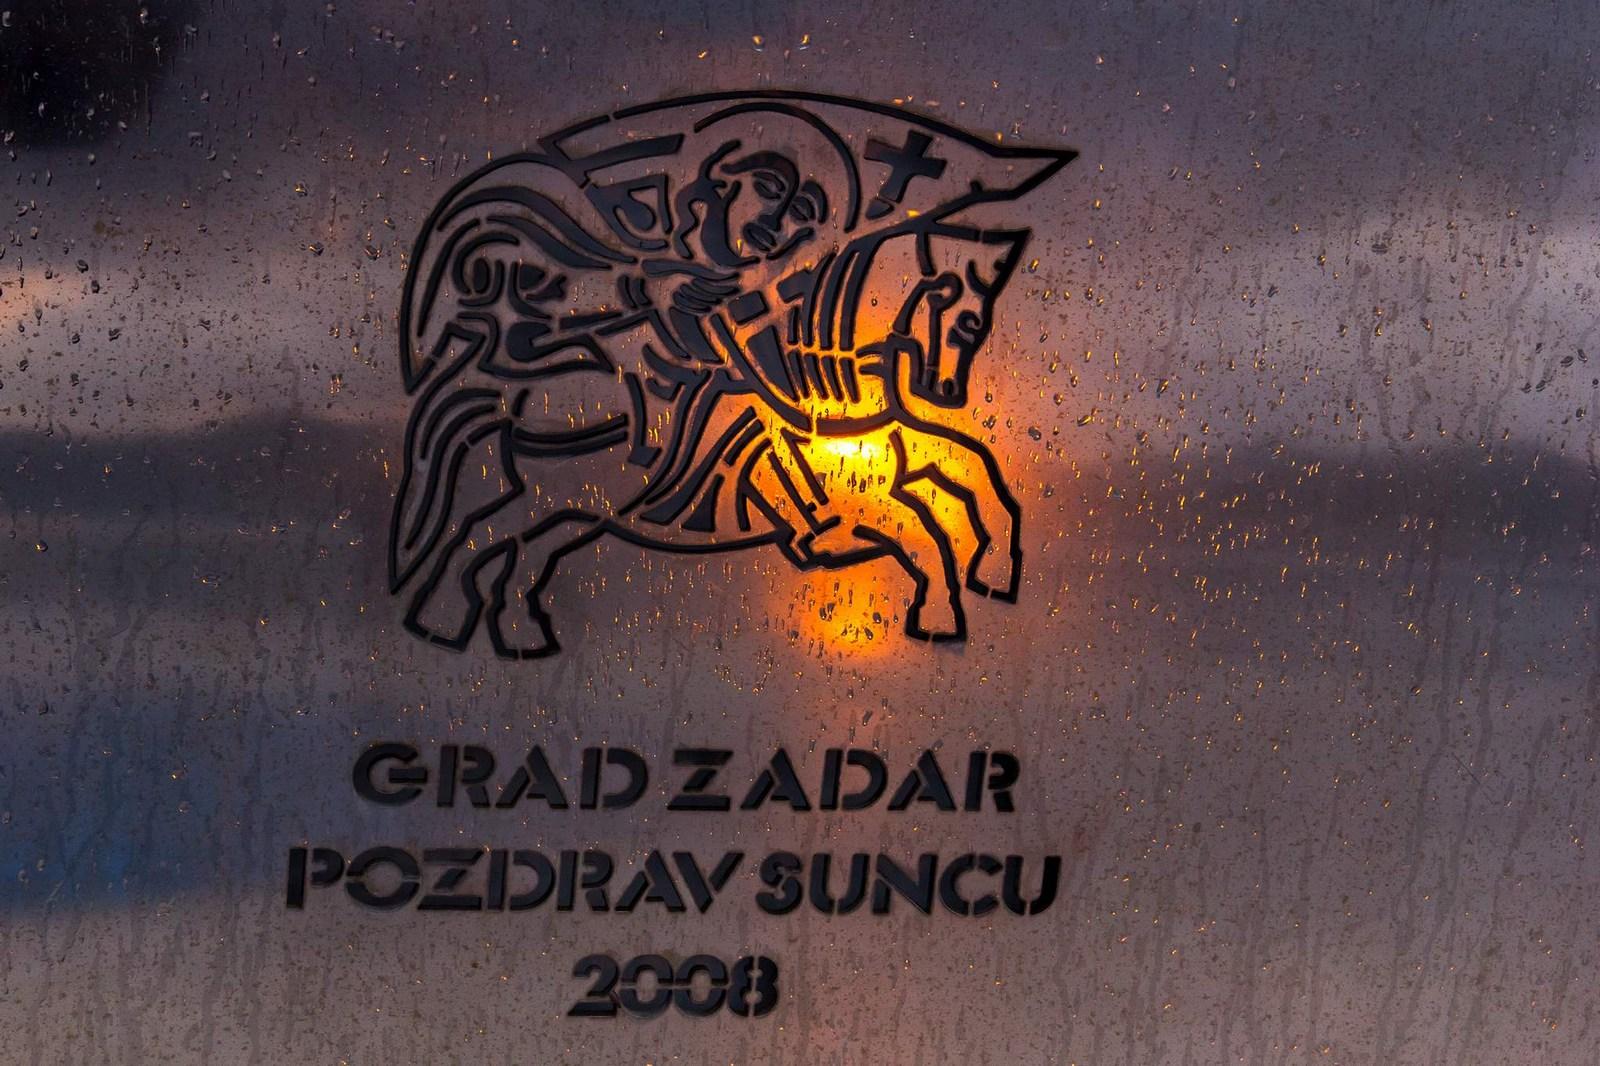 """Inštalacija Pozdrav soncu je bila """"predana v uporabo"""" leta 2008. Foto: HTZ in Mladen Radolović Mrlja."""